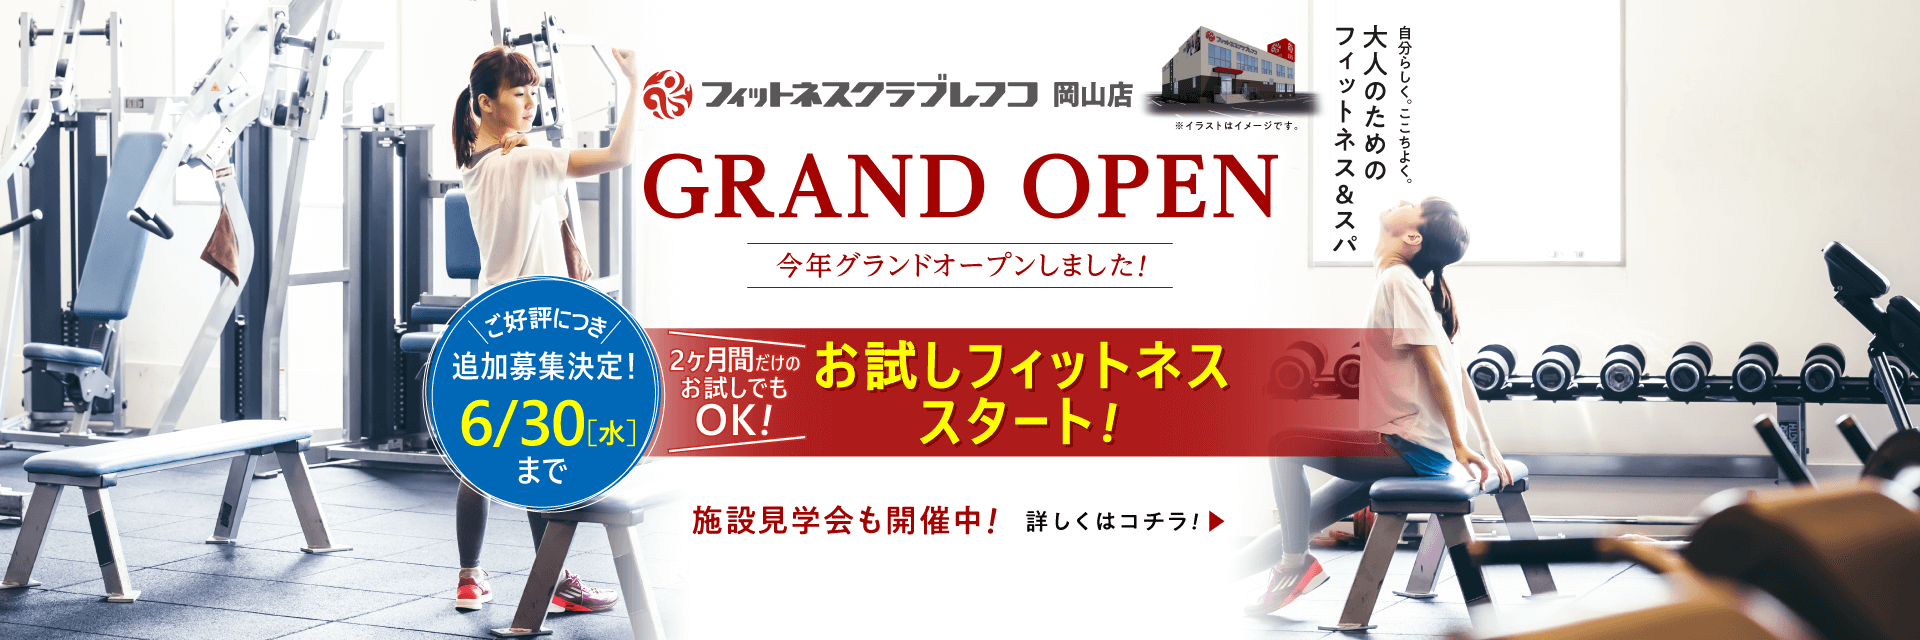 フィットネスクラブレフコ岡山店グランドオープン!